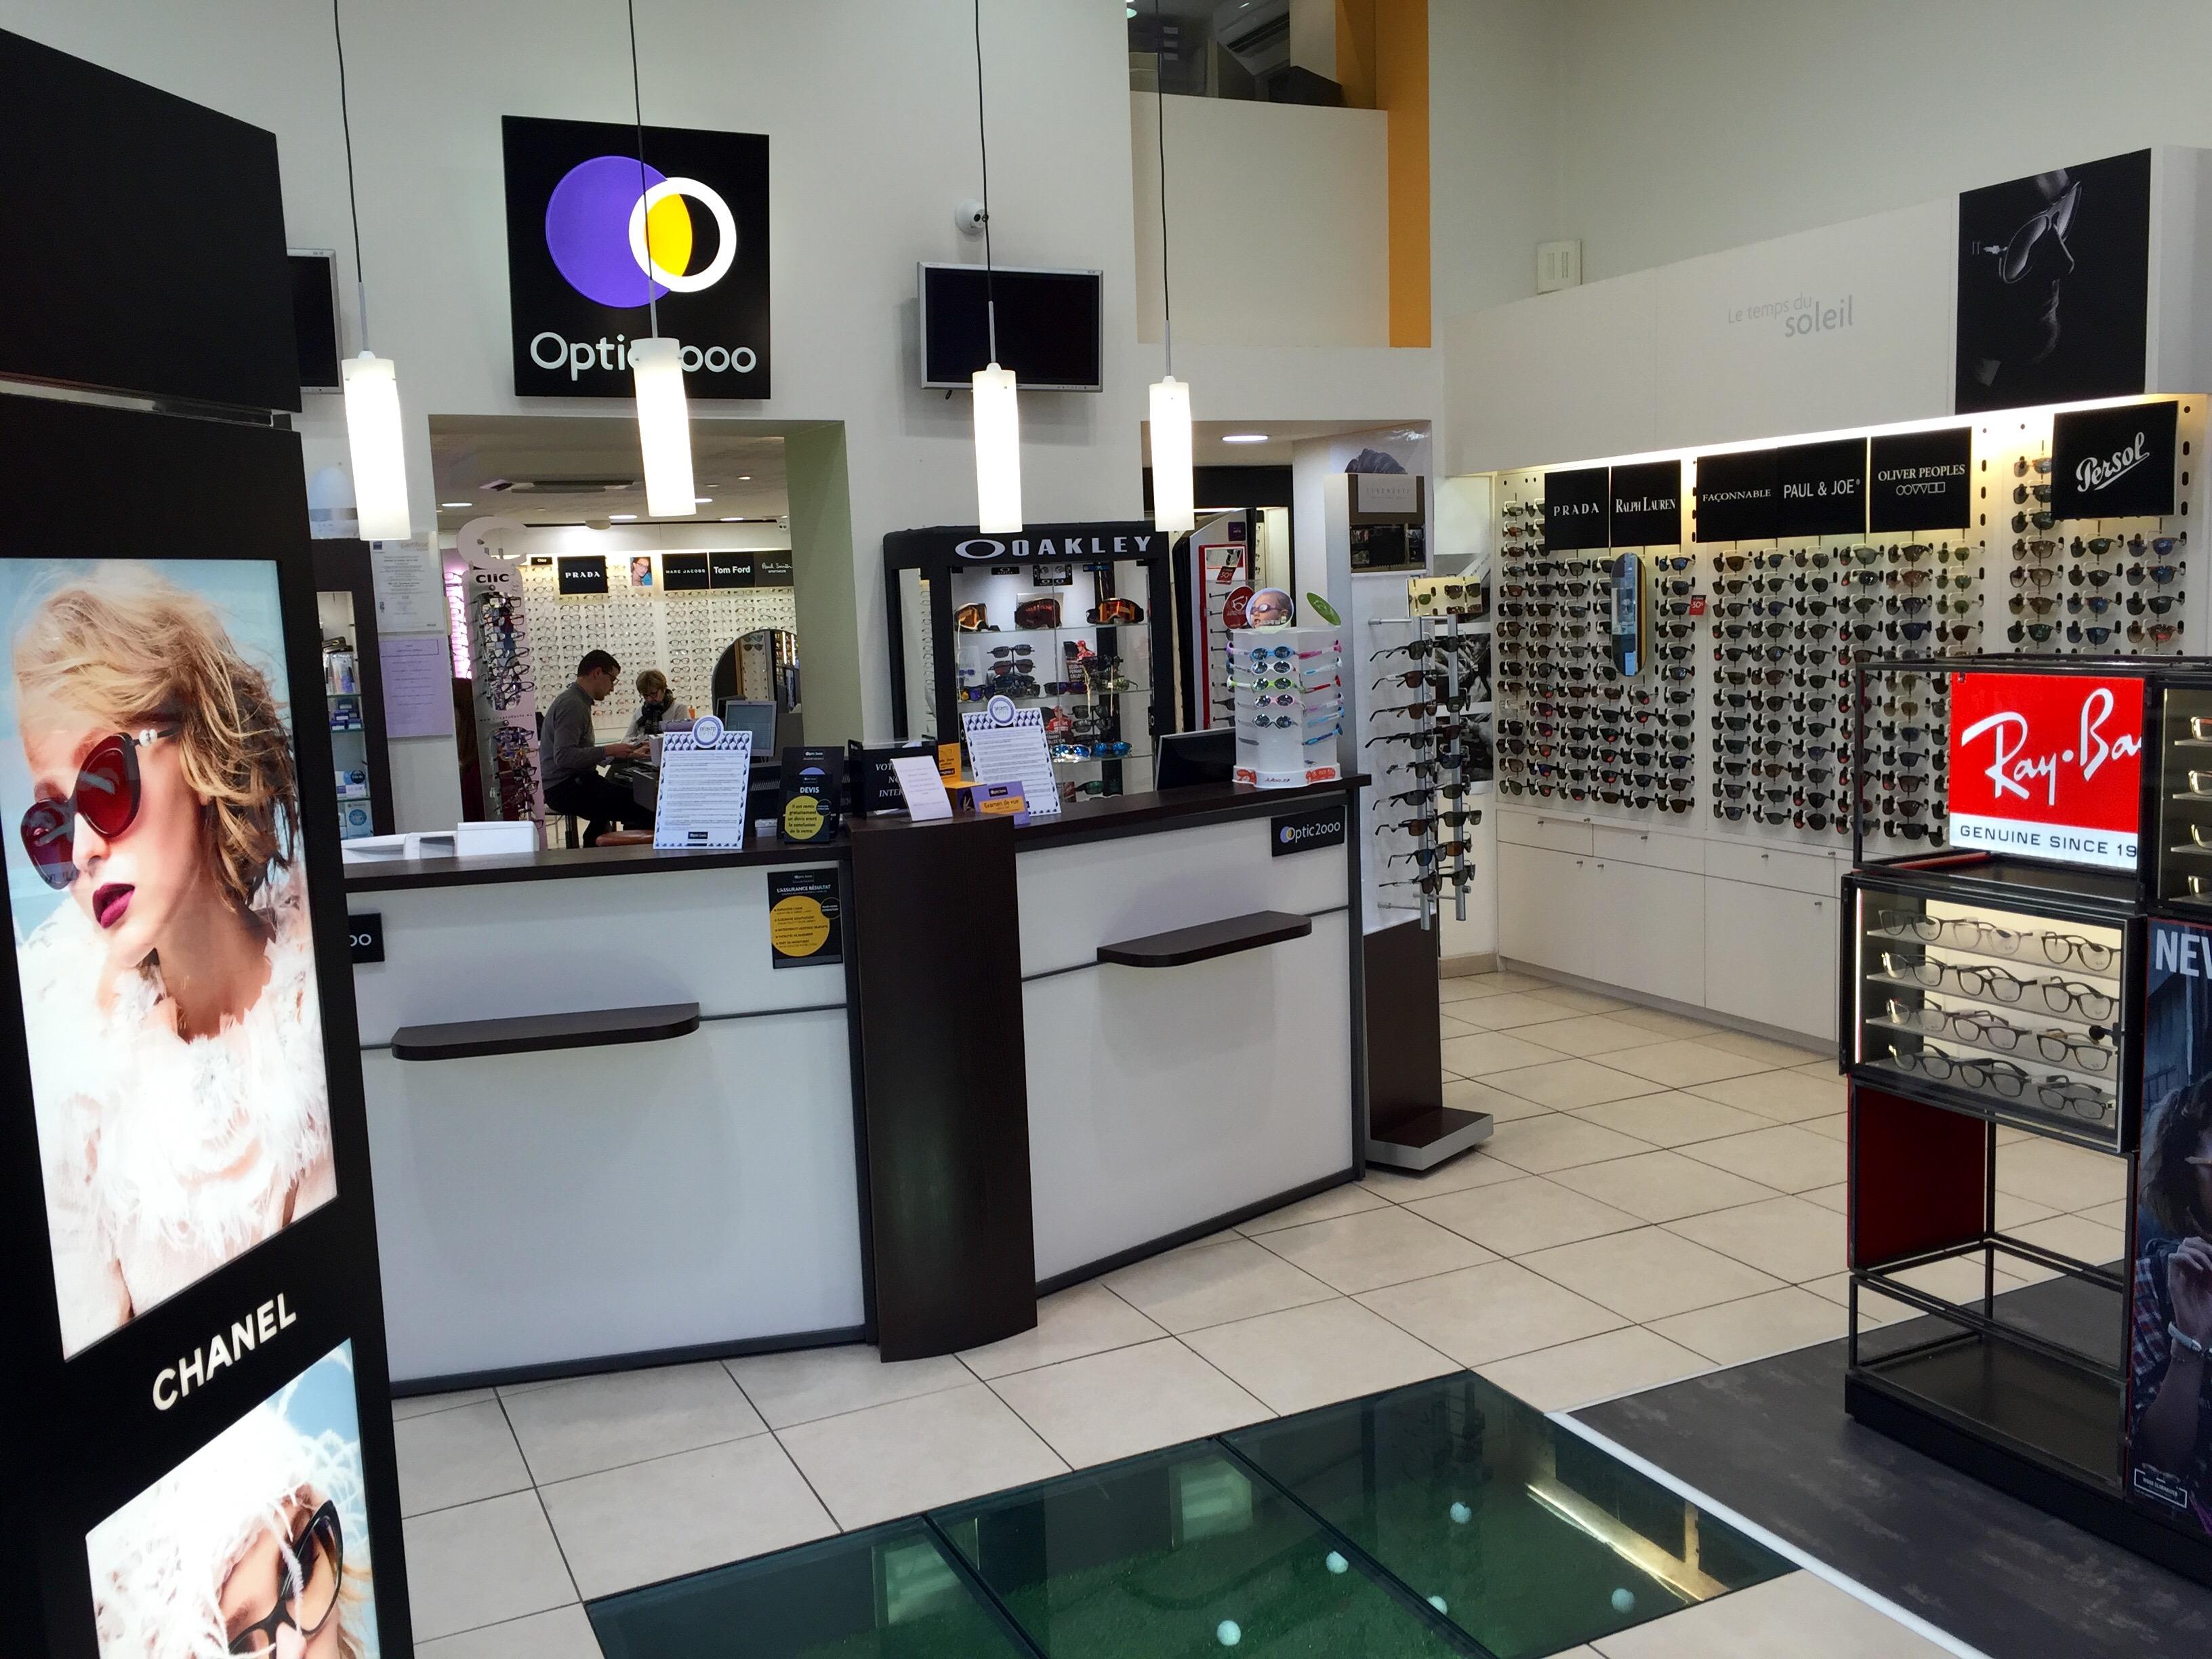 les promotions de votre magasin saint etienne 42000 optic 2000. Black Bedroom Furniture Sets. Home Design Ideas